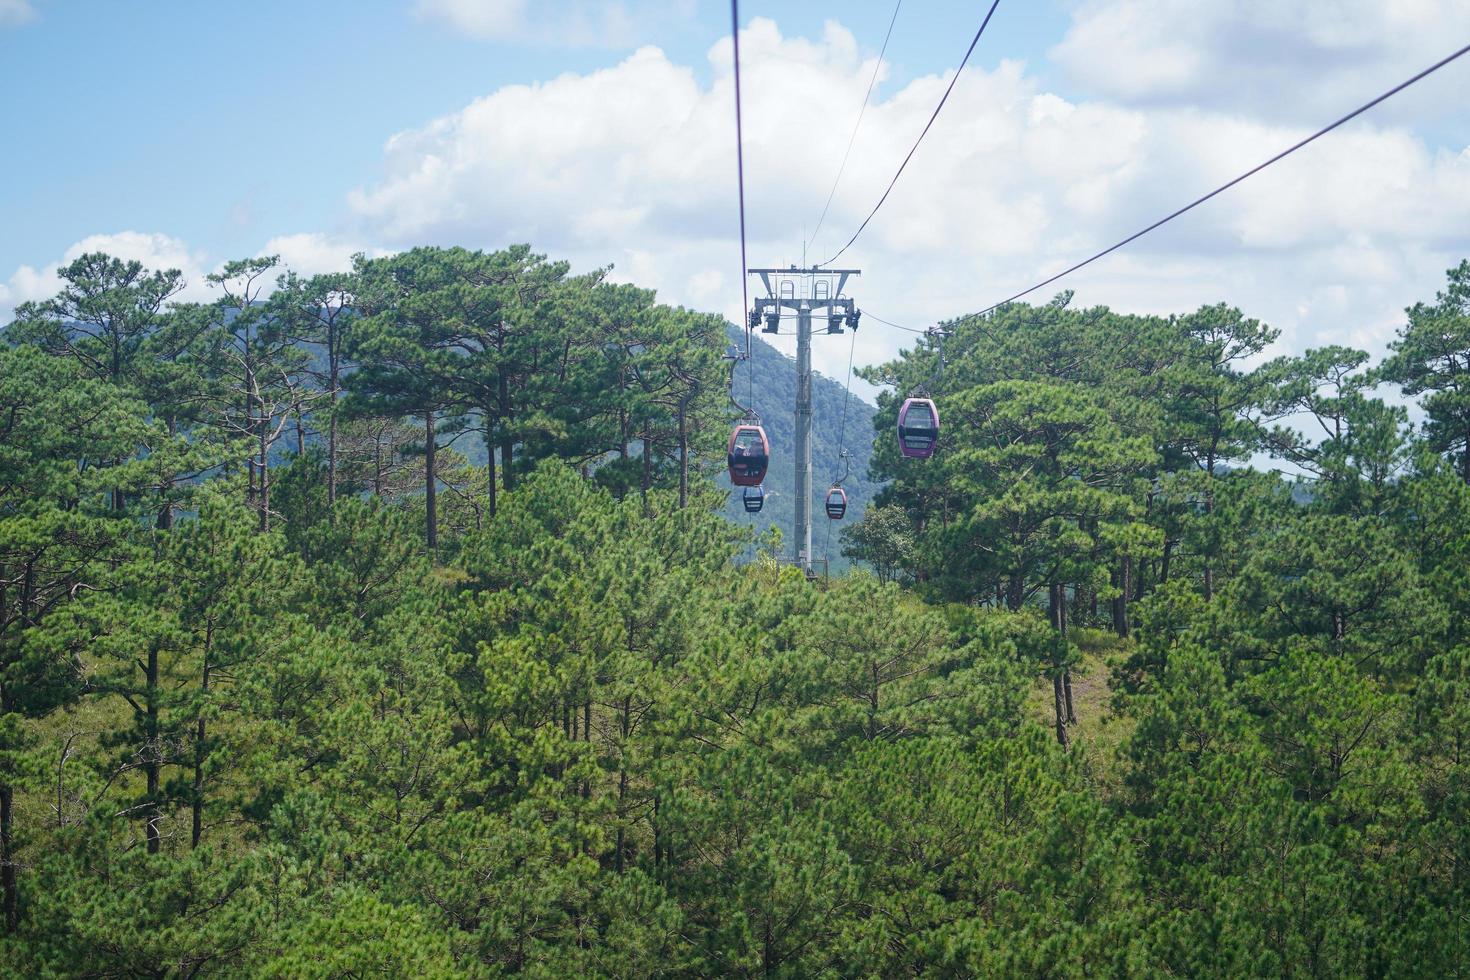 dalat linbana, väg från robin hill till truc lam kloster, vid robin hill, dalat, vietnam foto